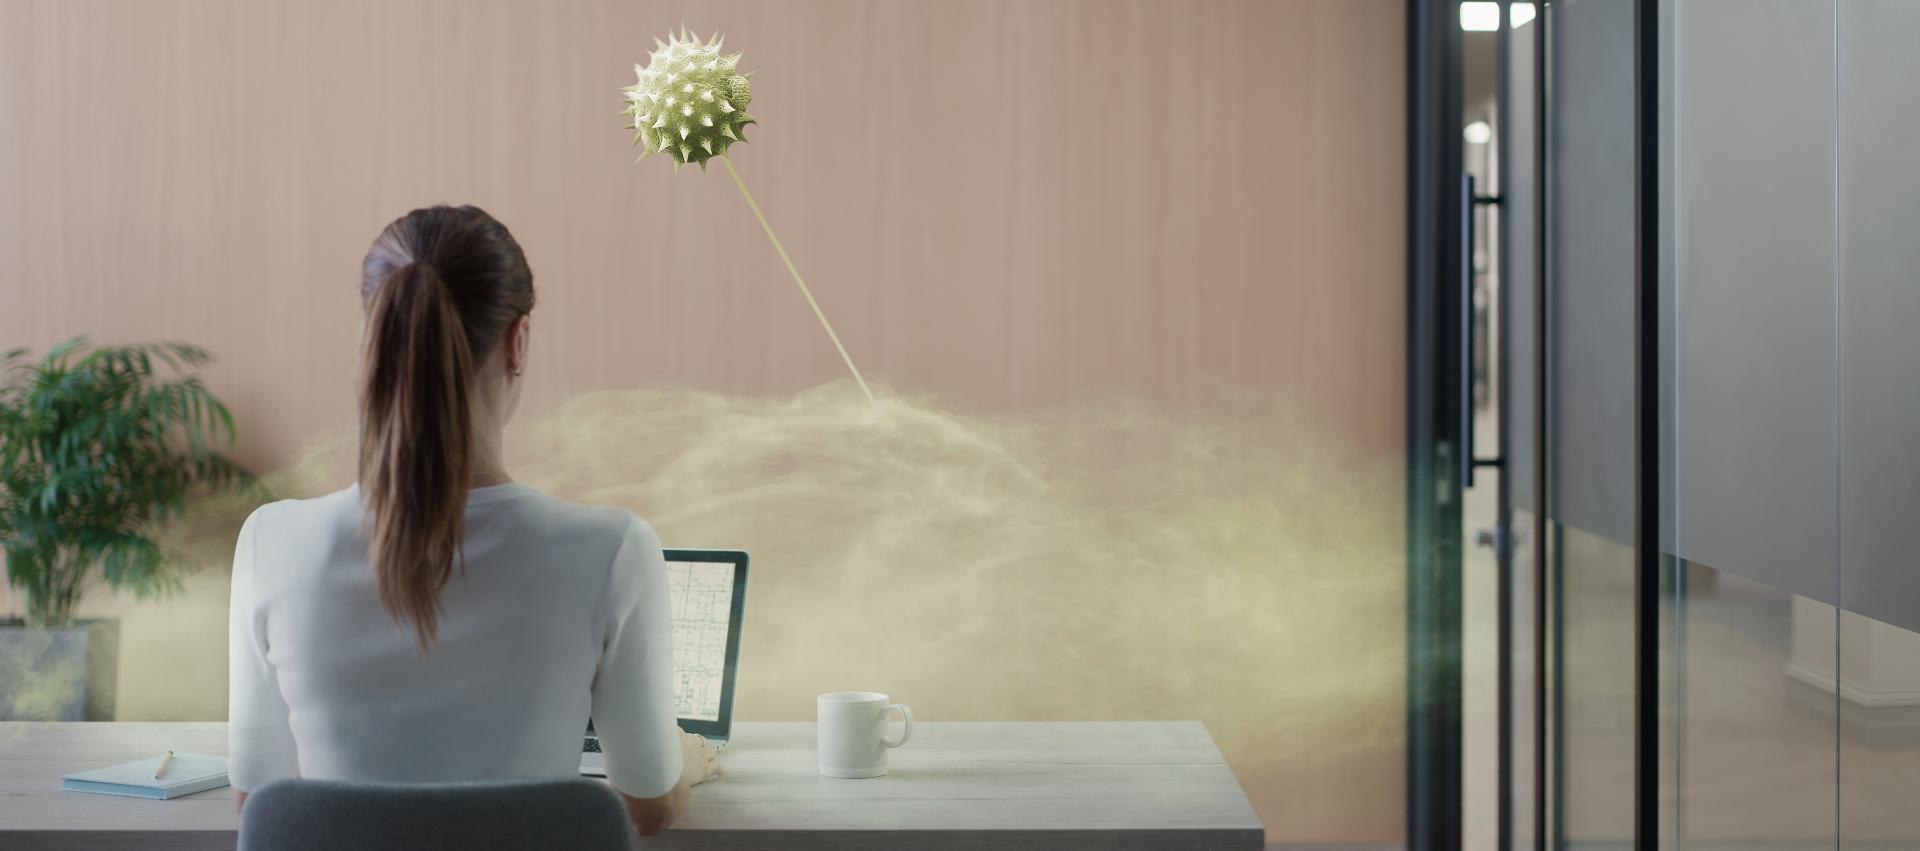 Kobieta siedząca przy biurku w sali konferencyjnej biura. Zdjęcie mikroskopowe pokazujące zanieczyszczenie powietrza.